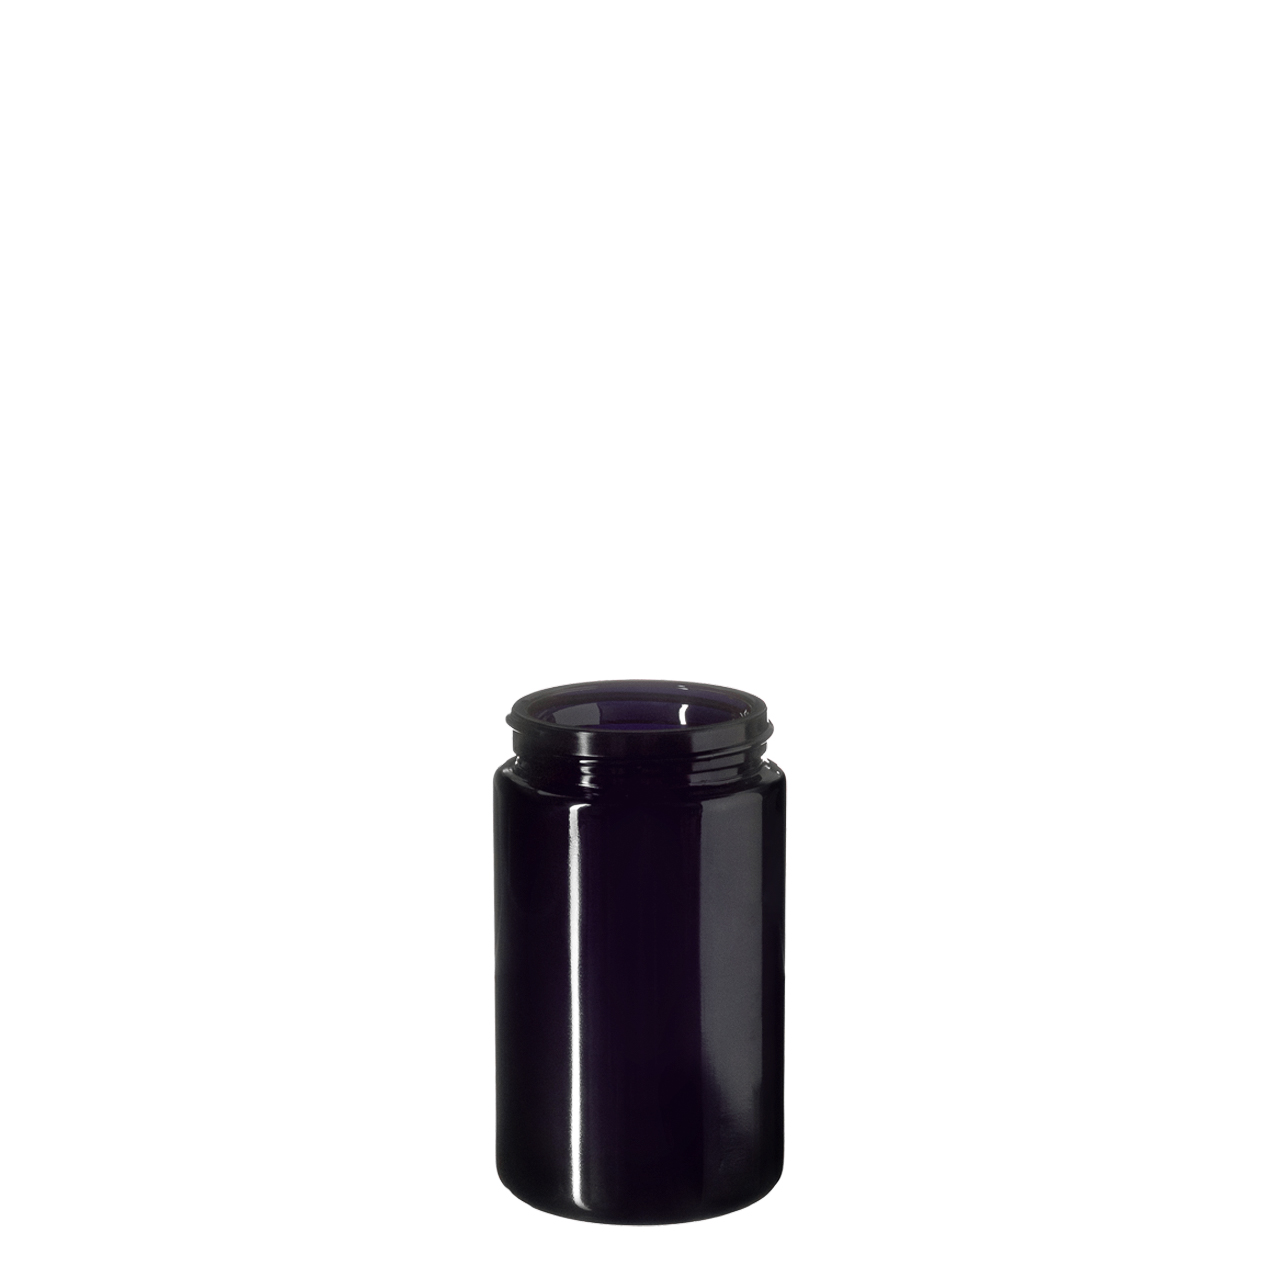 Wide neck jar Saturn 150 ml, Miron, 53/400 thread